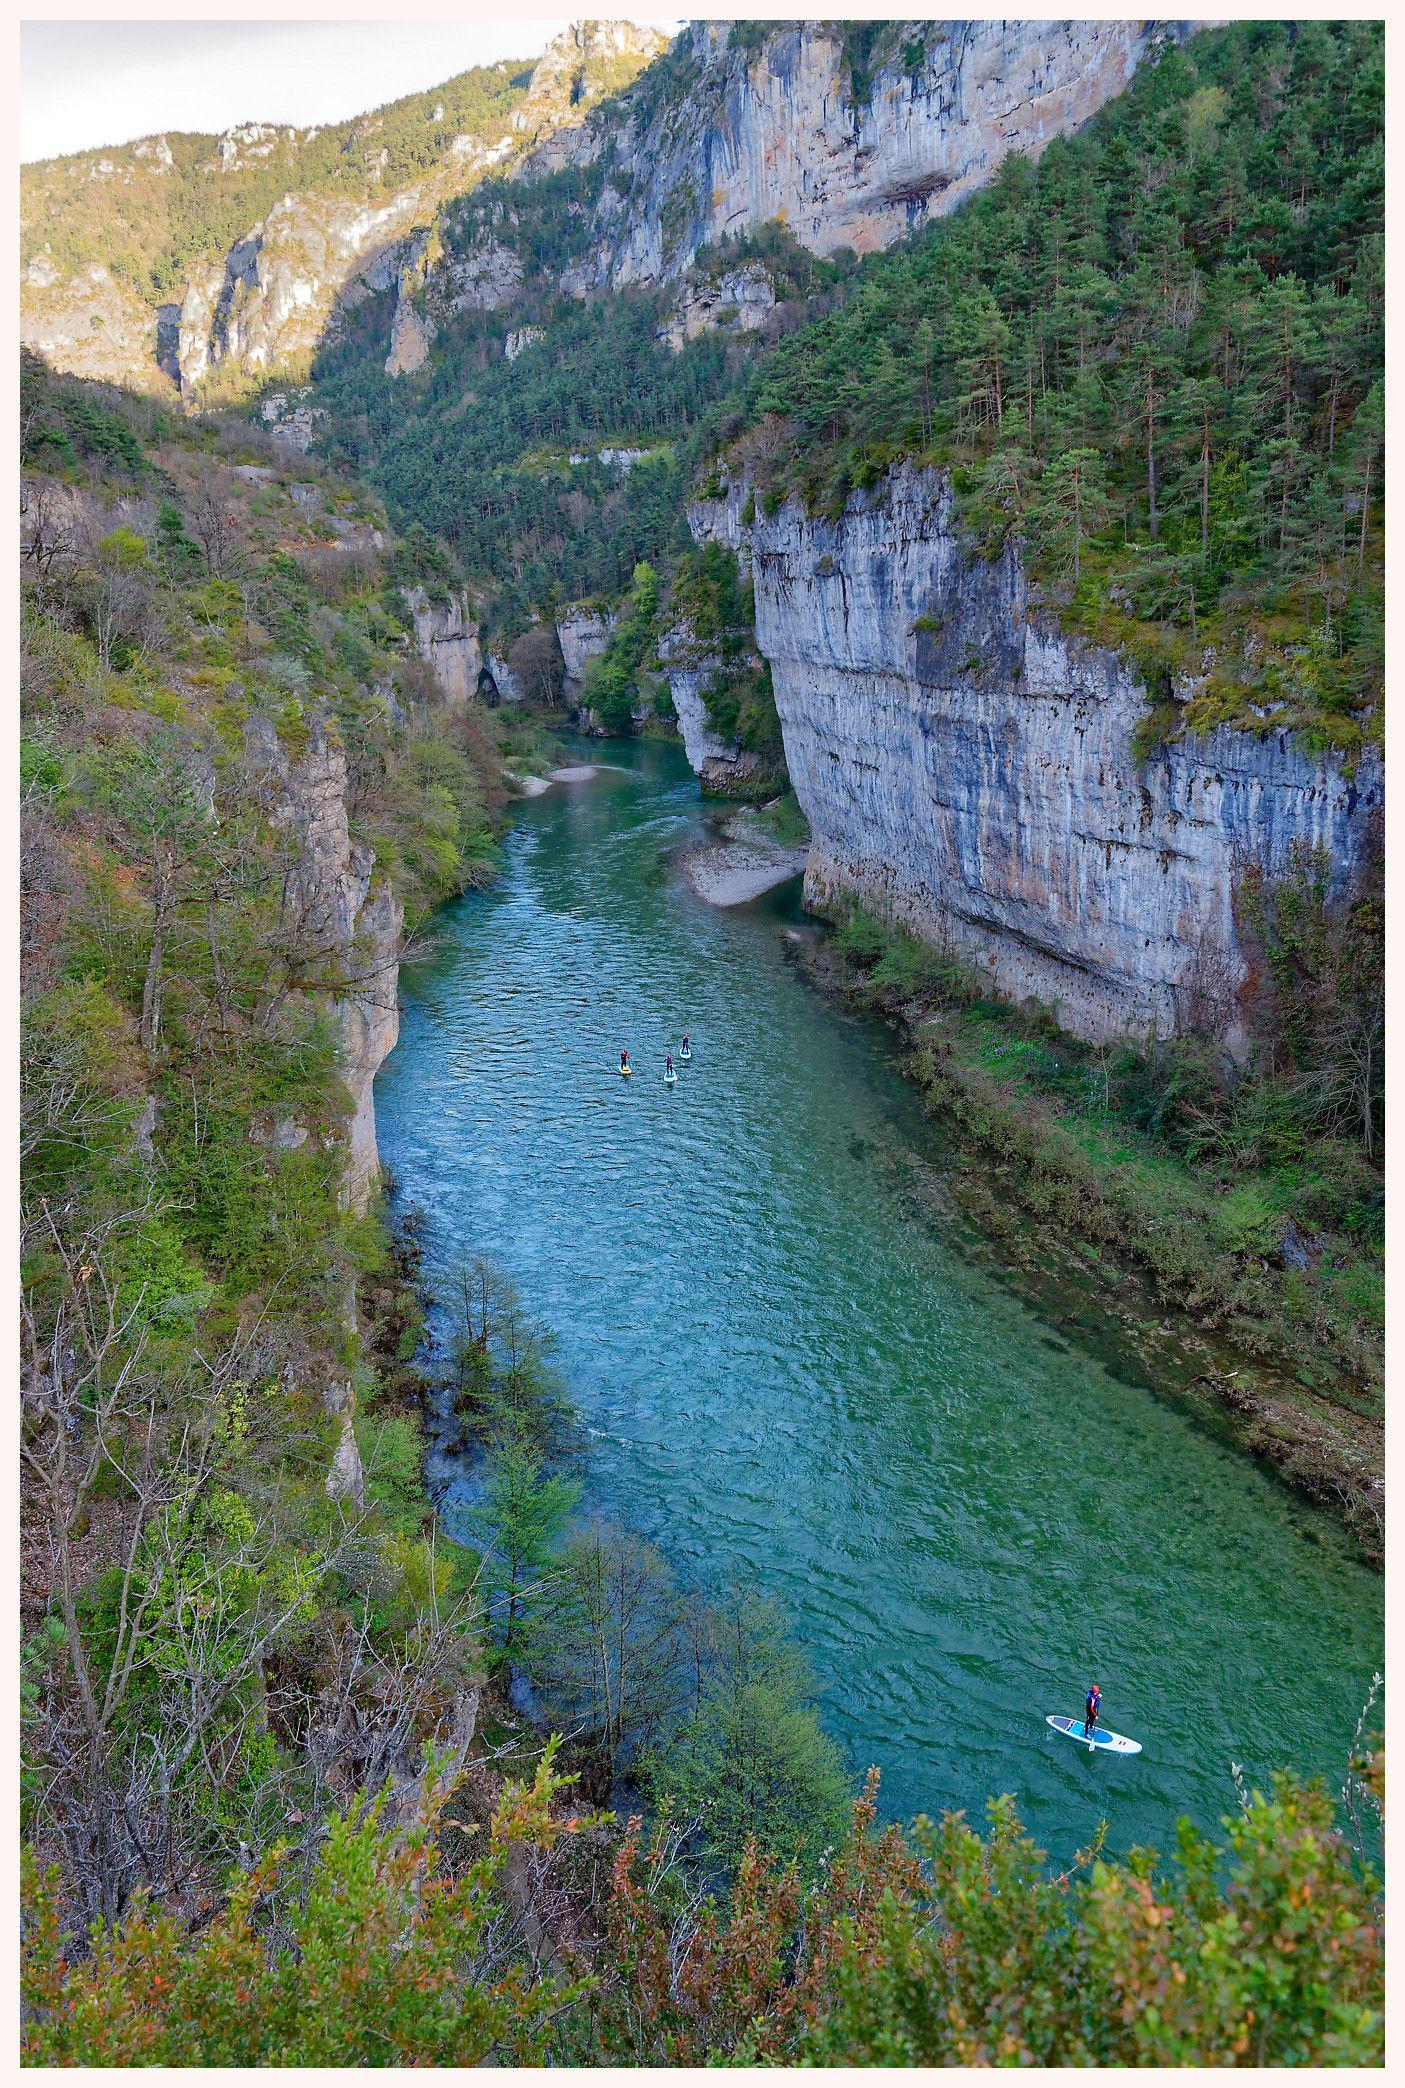 Voyage En Lozere Dans Les Gorges Du Tarn Les Causses Et Les Cevennes Gorge Du Tarn Paysage Touristique Lozere